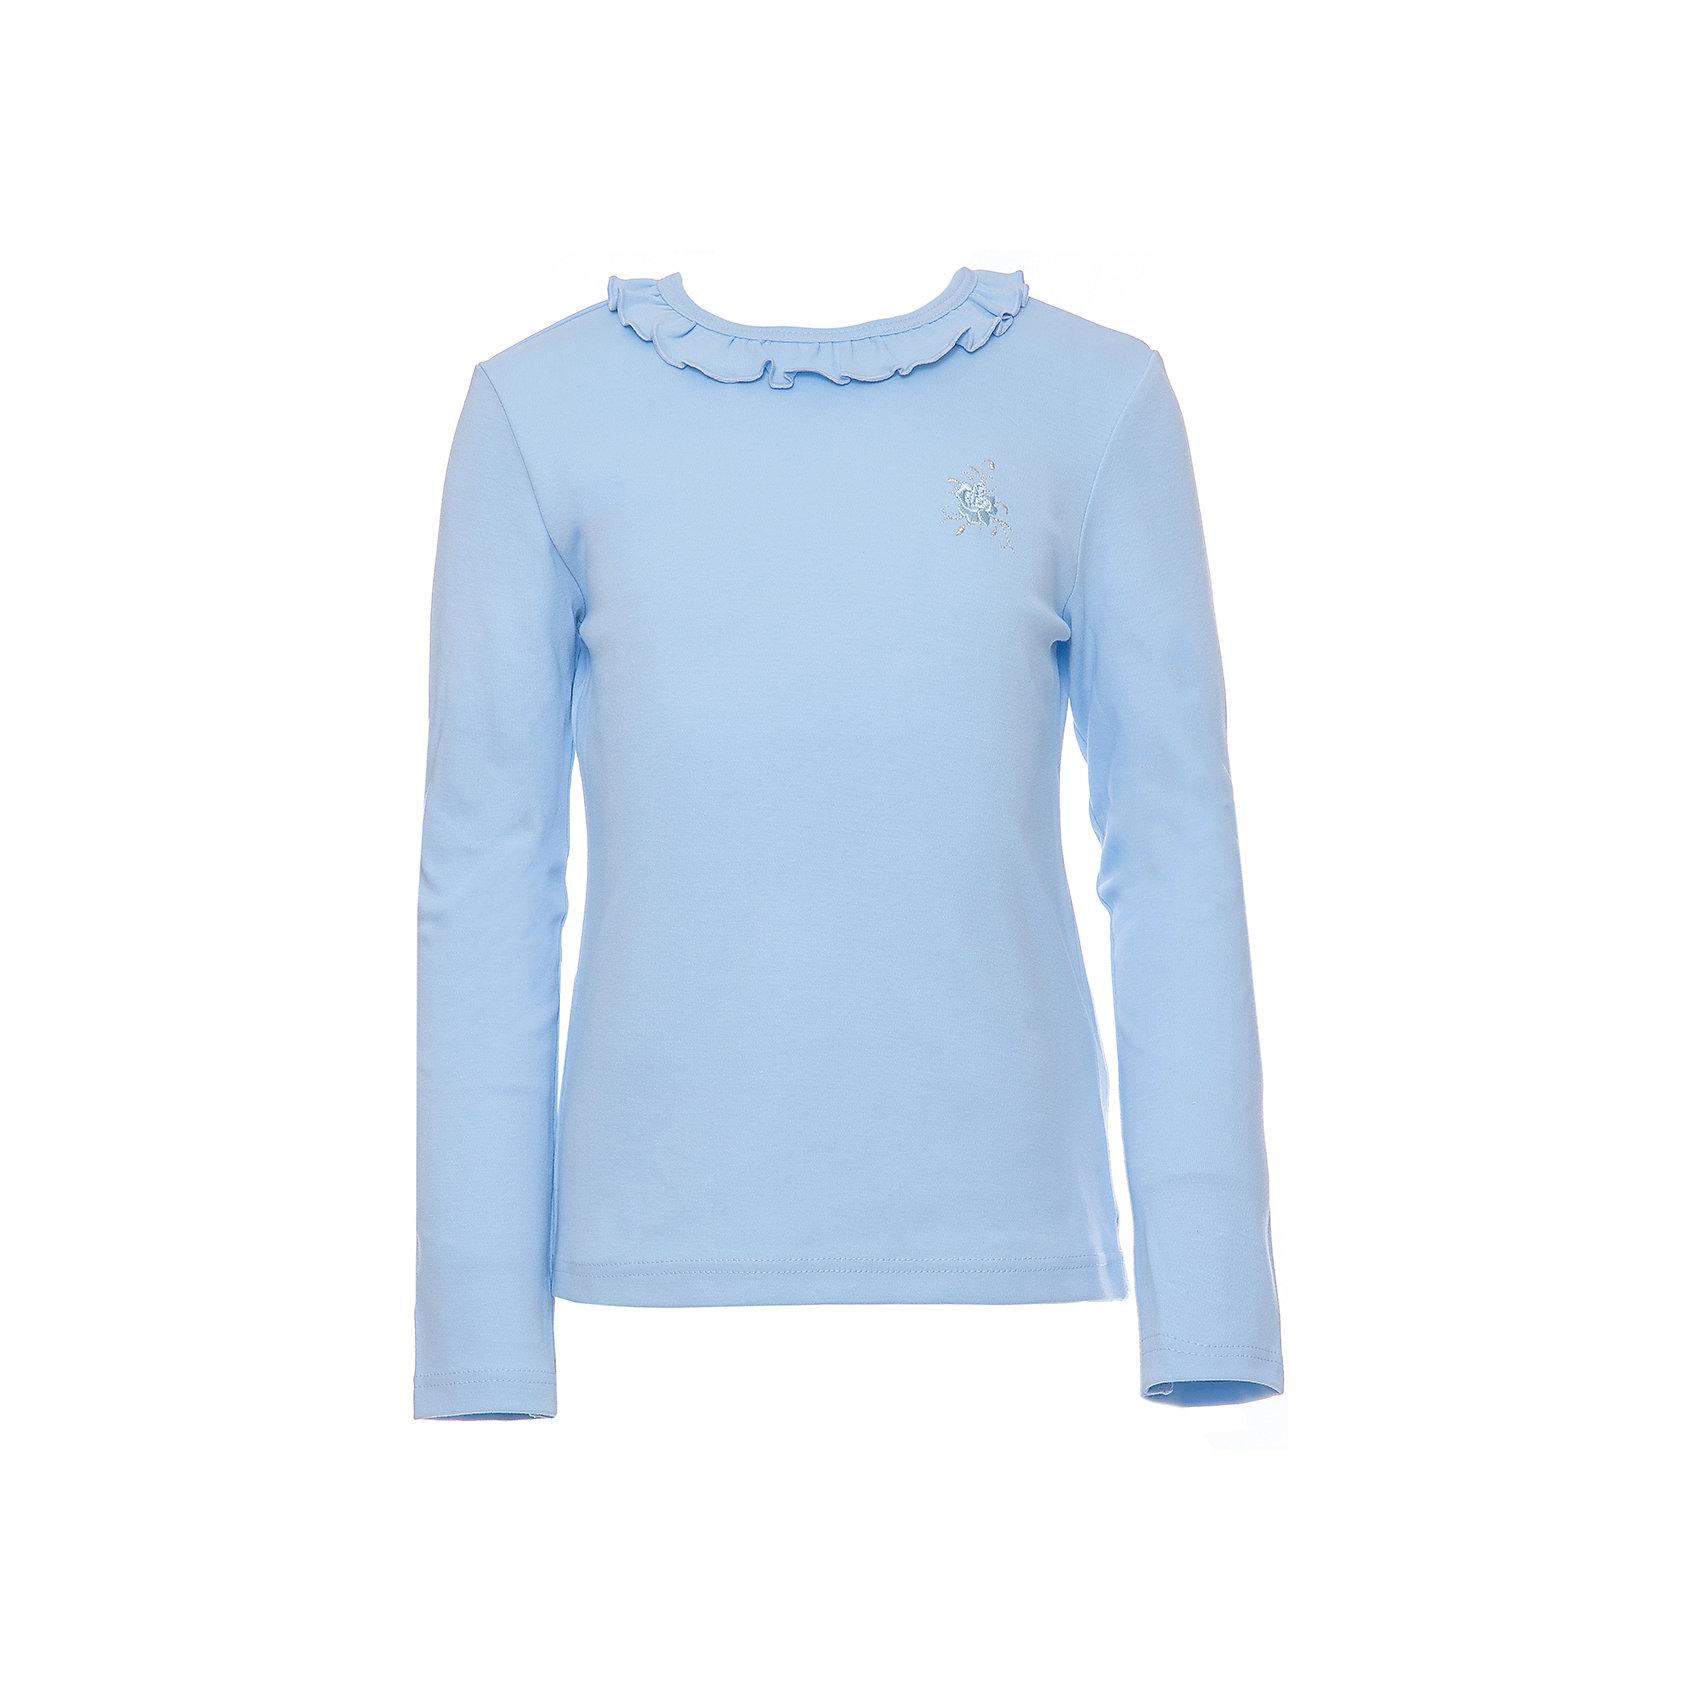 Футболка с длинным рукавом для девочки Белый снегБлузки и рубашки<br>Характеристики товара:<br><br>• цвет: голубой<br>• материал: 100% хлопок<br>• прилегающий силуэт<br>• длинные рукава<br>• застежка: кнопка<br>• декорирована рюшей<br>• мягкая обработка краев<br>• натуральный дышащий материал<br>• страна бренда: Российская Федерация<br>• страна производства: Российская Федерация<br><br>Школьная водолазка для девочки. Лонгслив декорирован воротником-рюшей. Школьная кофта с длинным рукавом, сзади у воротника застежка-пуговица.<br><br>Водолазку для девочки Белый снег можно купить в нашем интернет-магазине.<br><br>Ширина мм: 230<br>Глубина мм: 40<br>Высота мм: 220<br>Вес г: 250<br>Цвет: голубой<br>Возраст от месяцев: 84<br>Возраст до месяцев: 96<br>Пол: Женский<br>Возраст: Детский<br>Размер: 122/128,158,134,140/146,152<br>SKU: 6839139